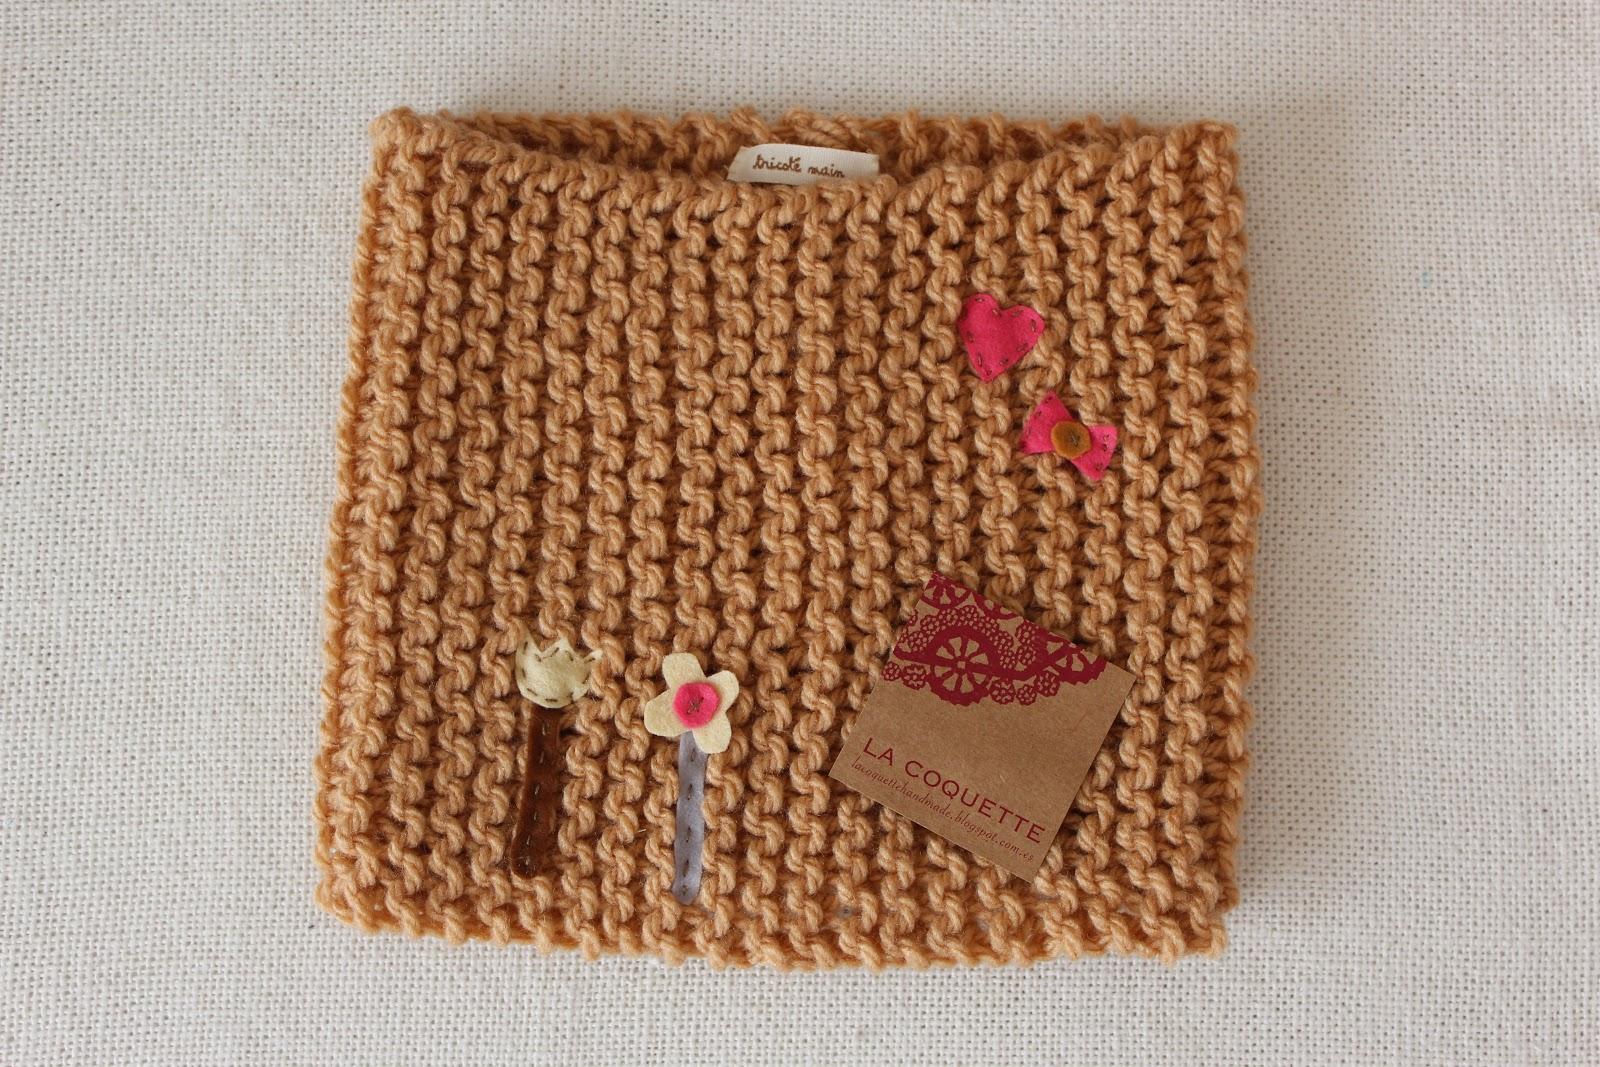 Lacoquettehandmade nuevos colores y cuellos de lana - Como hacer pompones con lana ...